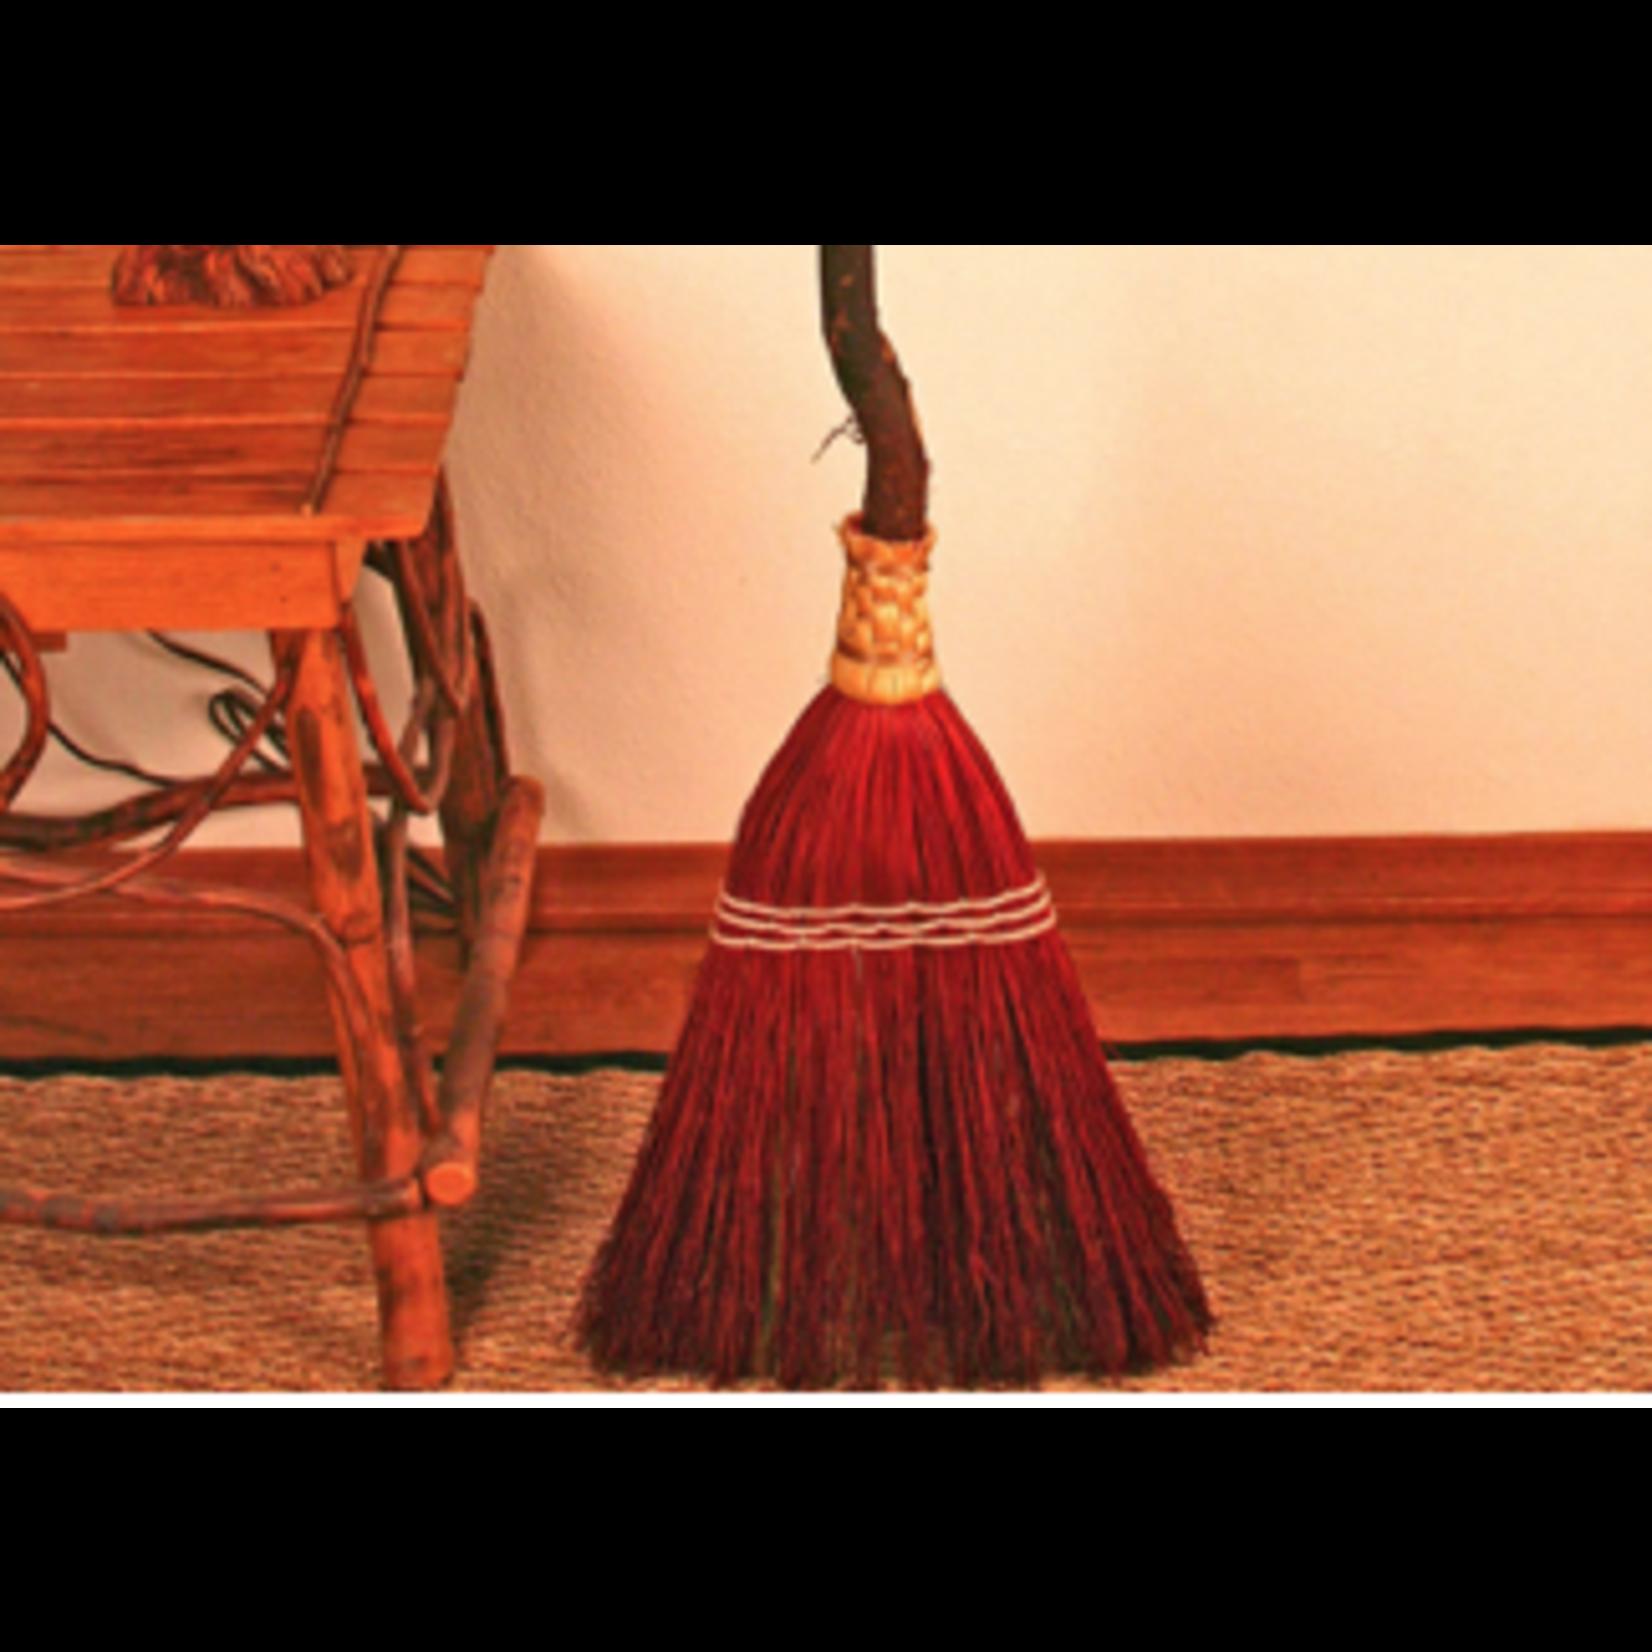 Scheumack Broom Co Scheumack Broom Co. Kitchen Broom